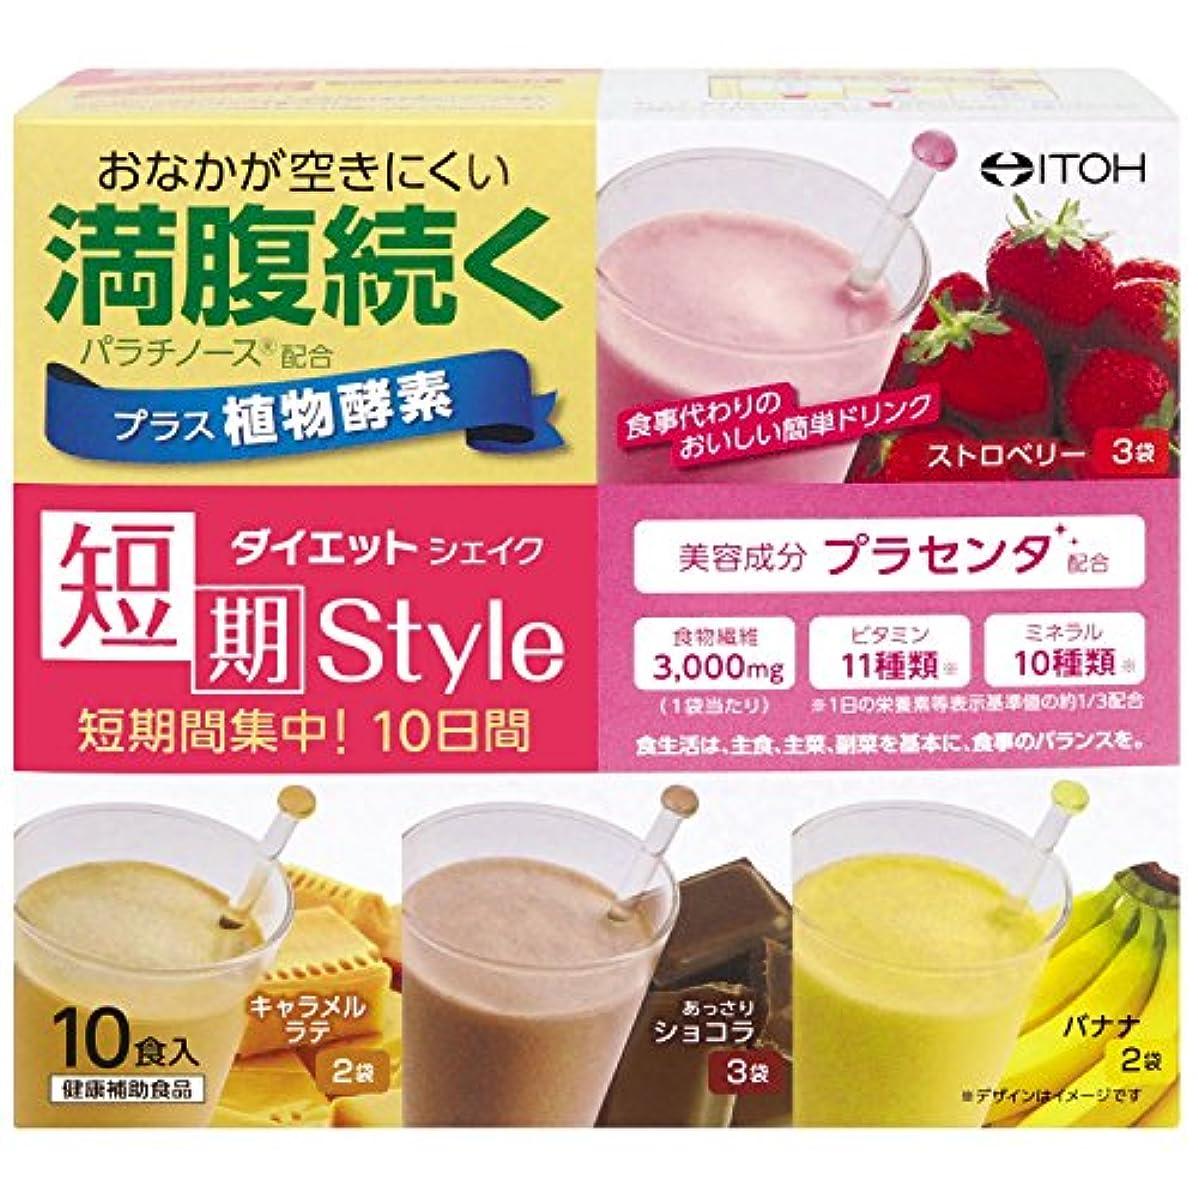 真面目な優雅値下げ井藤漢方製薬 短期スタイル ダイエットシェイク 25g×10袋